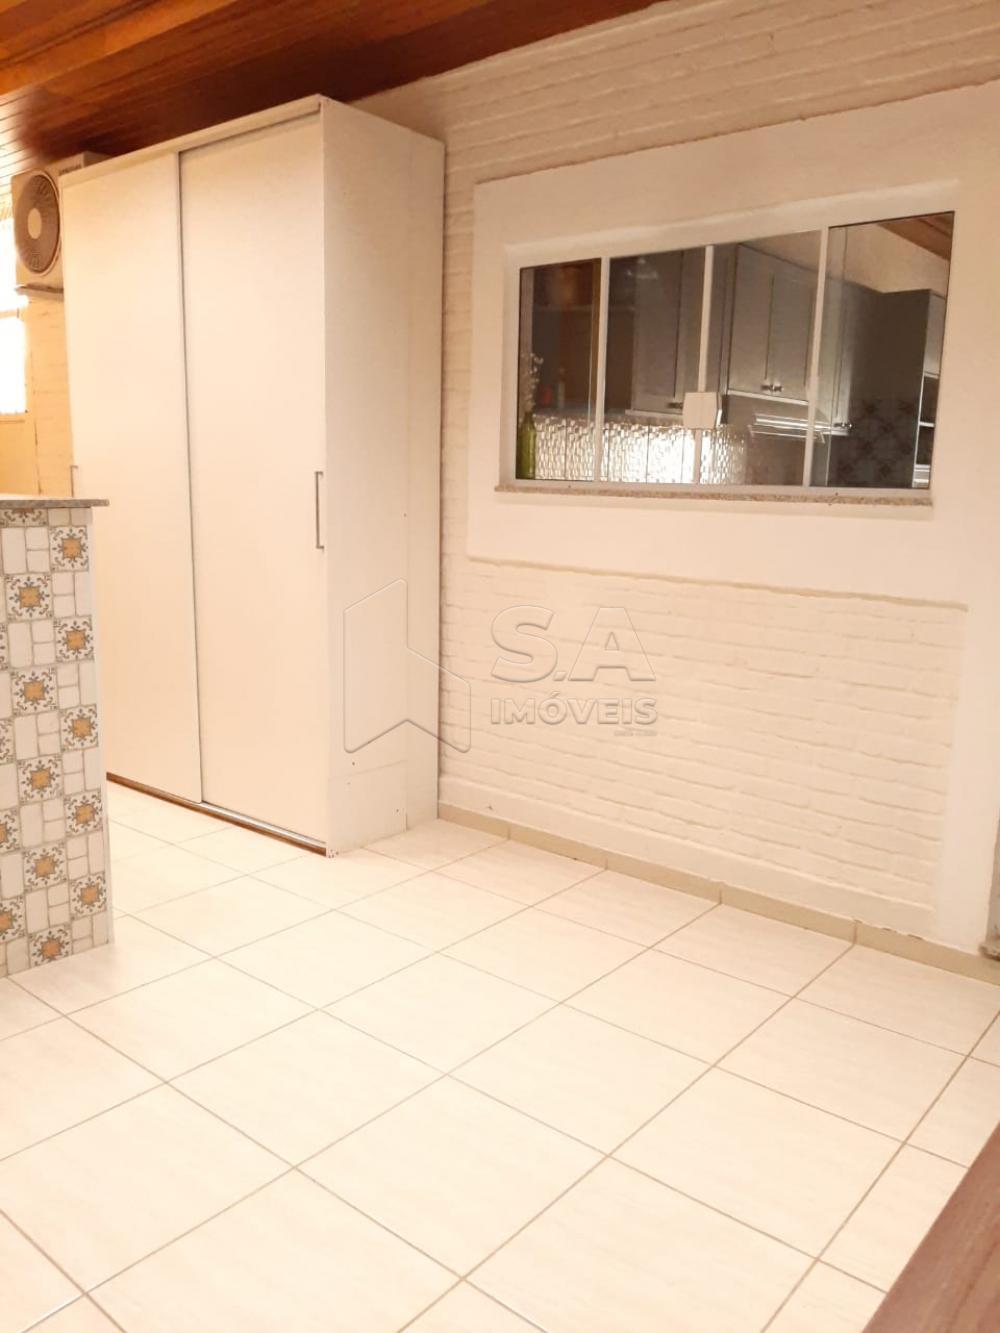 Comprar Casa / Padrão em Botucatu apenas R$ 370.000,00 - Foto 16